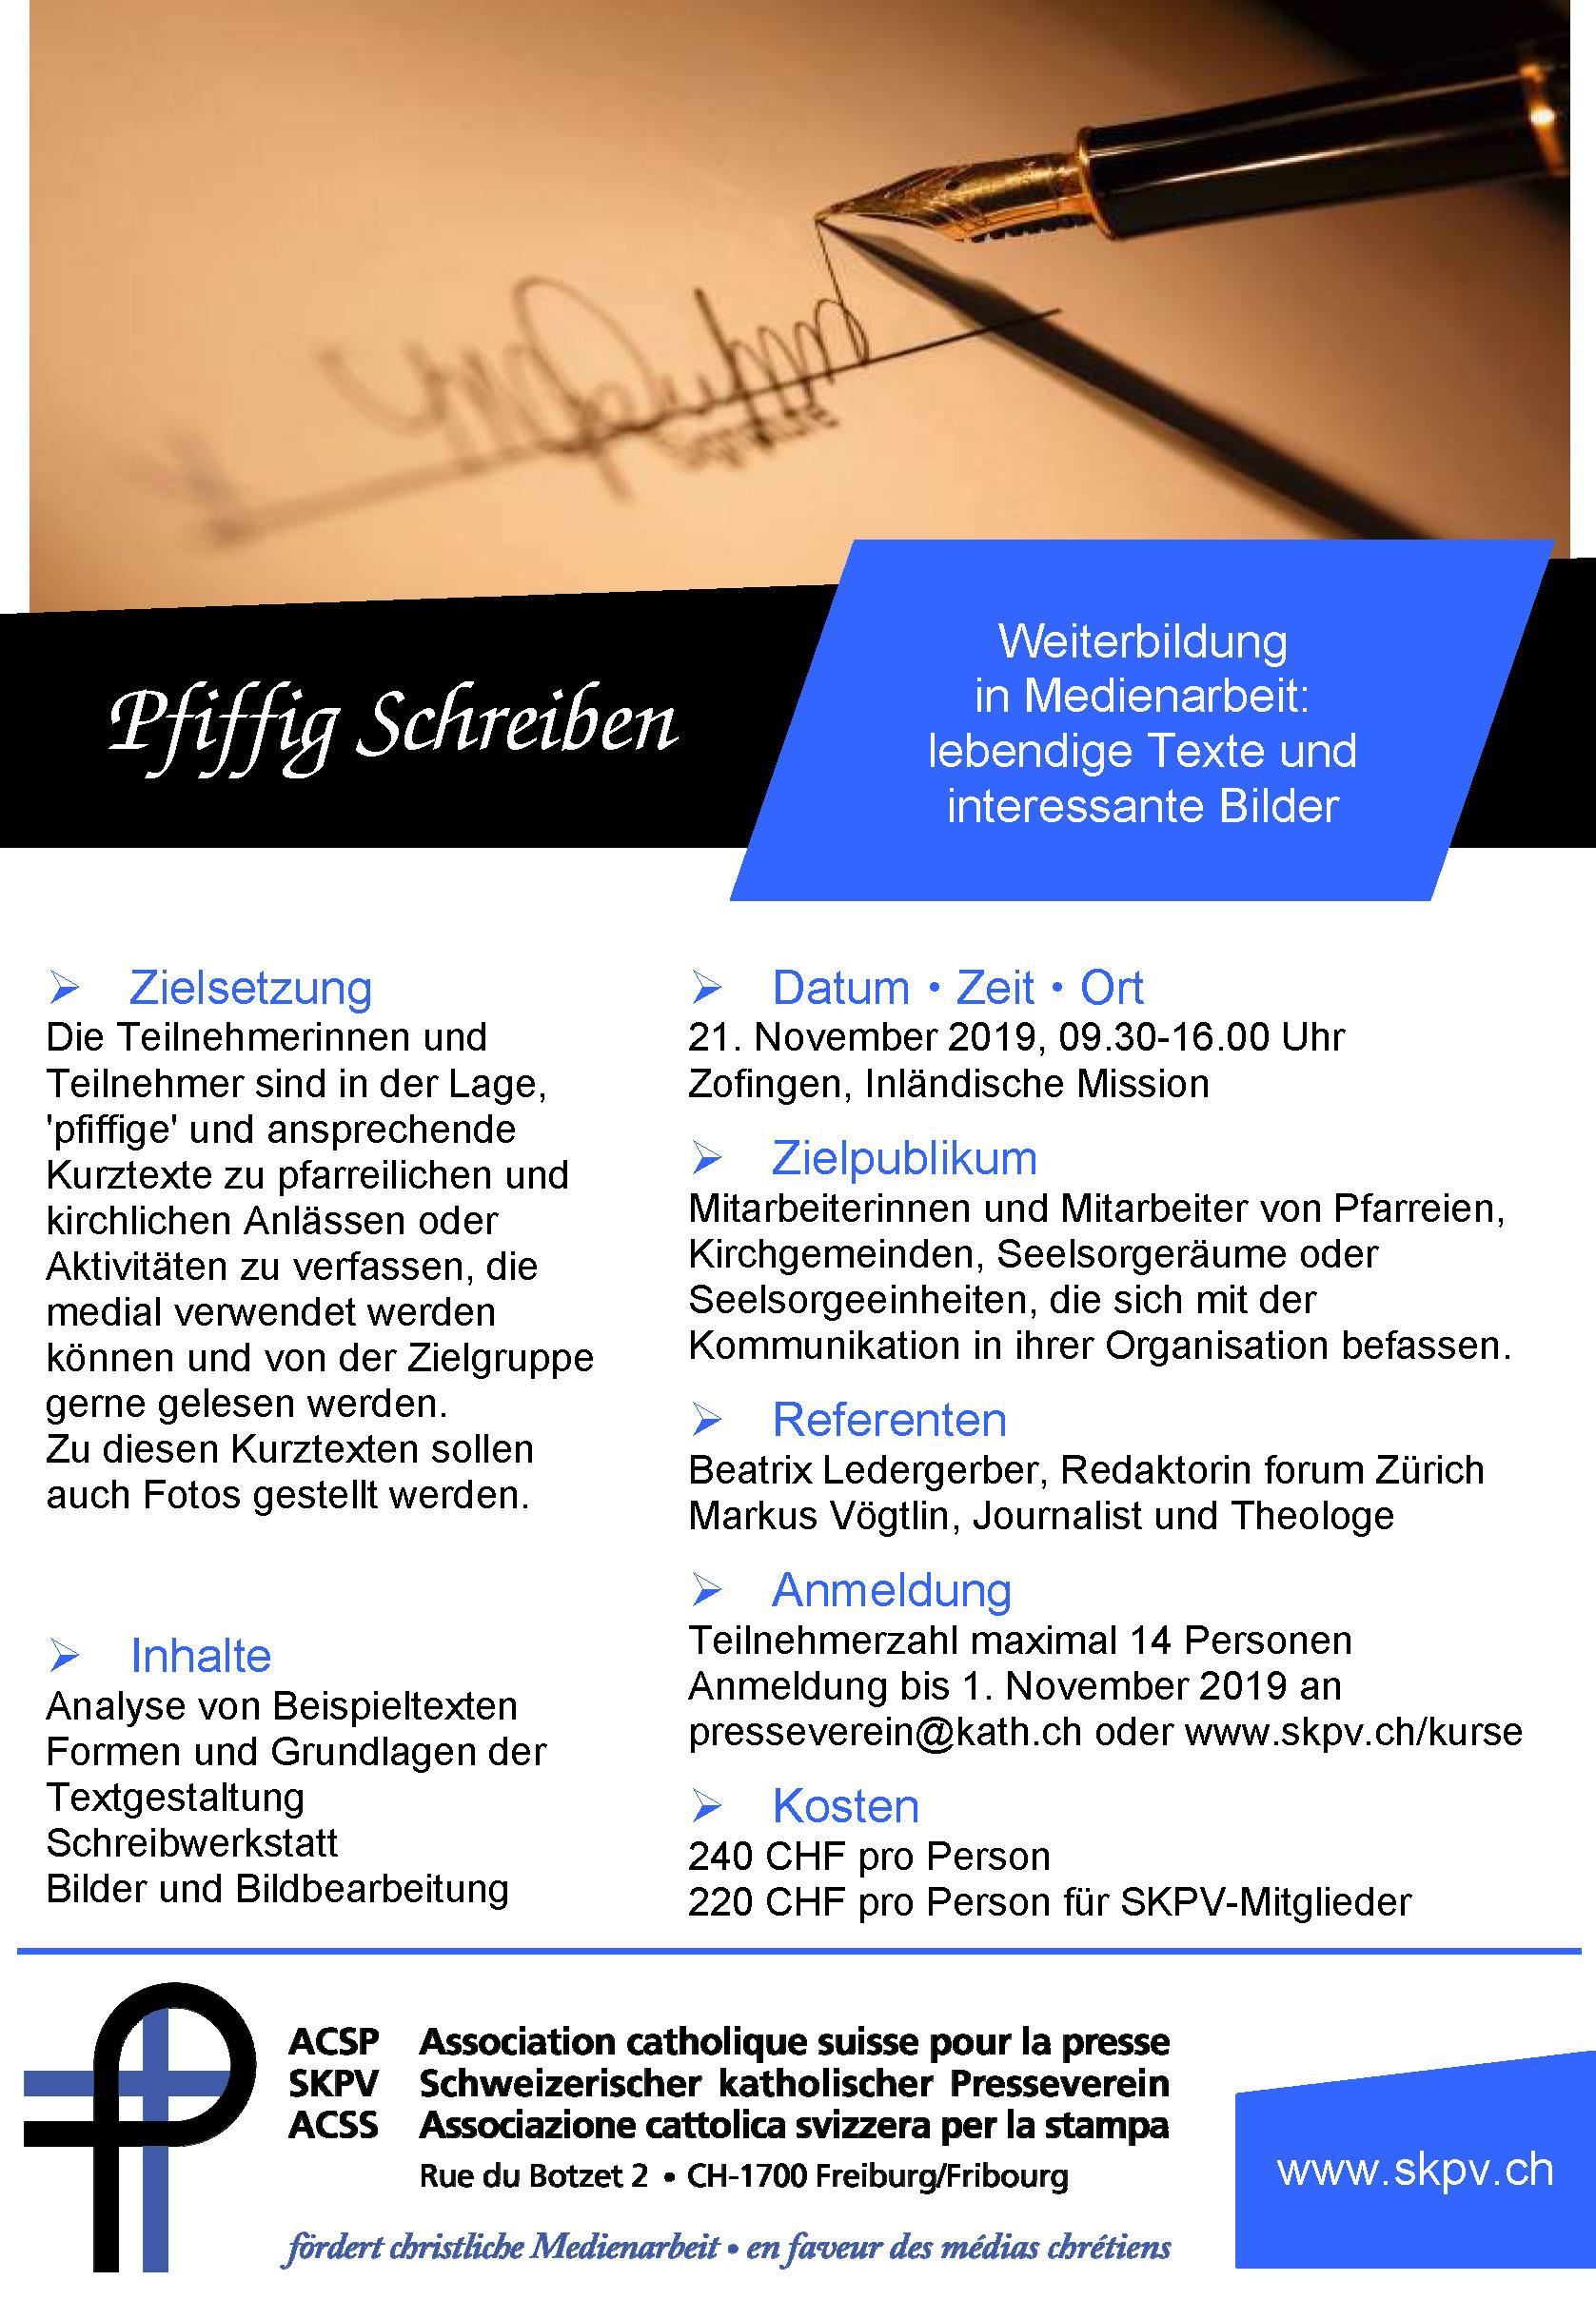 Flyer Pfiffig Schreiben